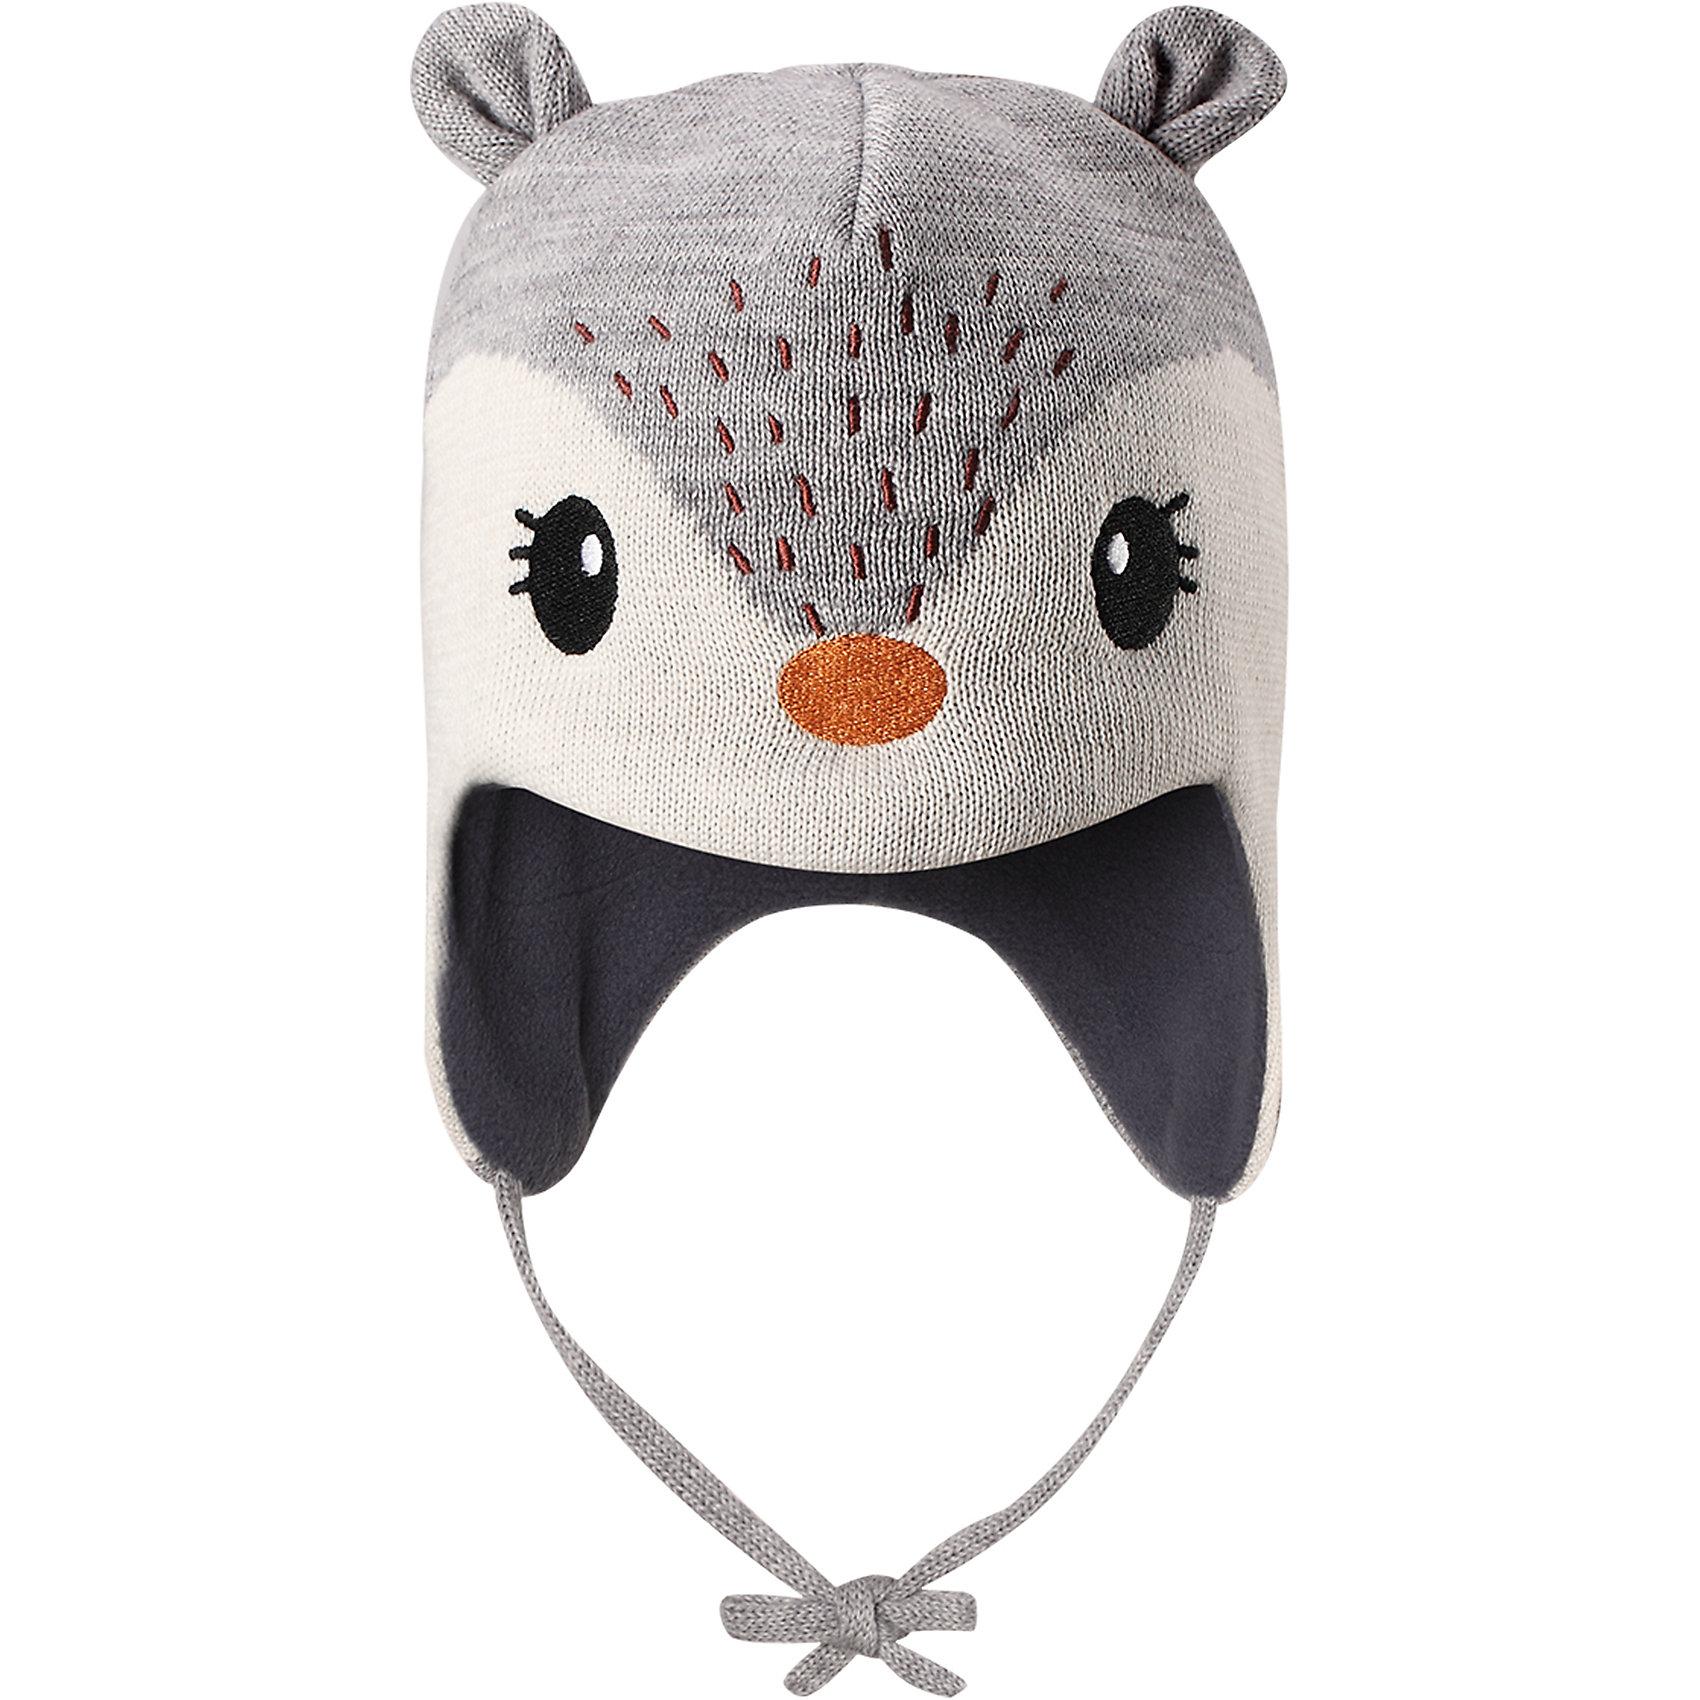 Шапка LassieШапки и шарфы<br>Эта очень мягкая и теплая шапка для новорожденных – превосходный аксессуар для холодных зимних деньков. Ветронепроницаемые вставки в области ушей обеспечивают ушкам дополнительную защиту, а мягкая флисовая подкладка очень приятна на ощупь.<br>Состав:<br>50% Шерсть, 50% Полиакрил<br><br>Ширина мм: 89<br>Глубина мм: 117<br>Высота мм: 44<br>Вес г: 155<br>Цвет: серый<br>Возраст от месяцев: 36<br>Возраст до месяцев: 72<br>Пол: Унисекс<br>Возраст: Детский<br>Размер: 50-52,42-44,44-46,46-48<br>SKU: 6905625